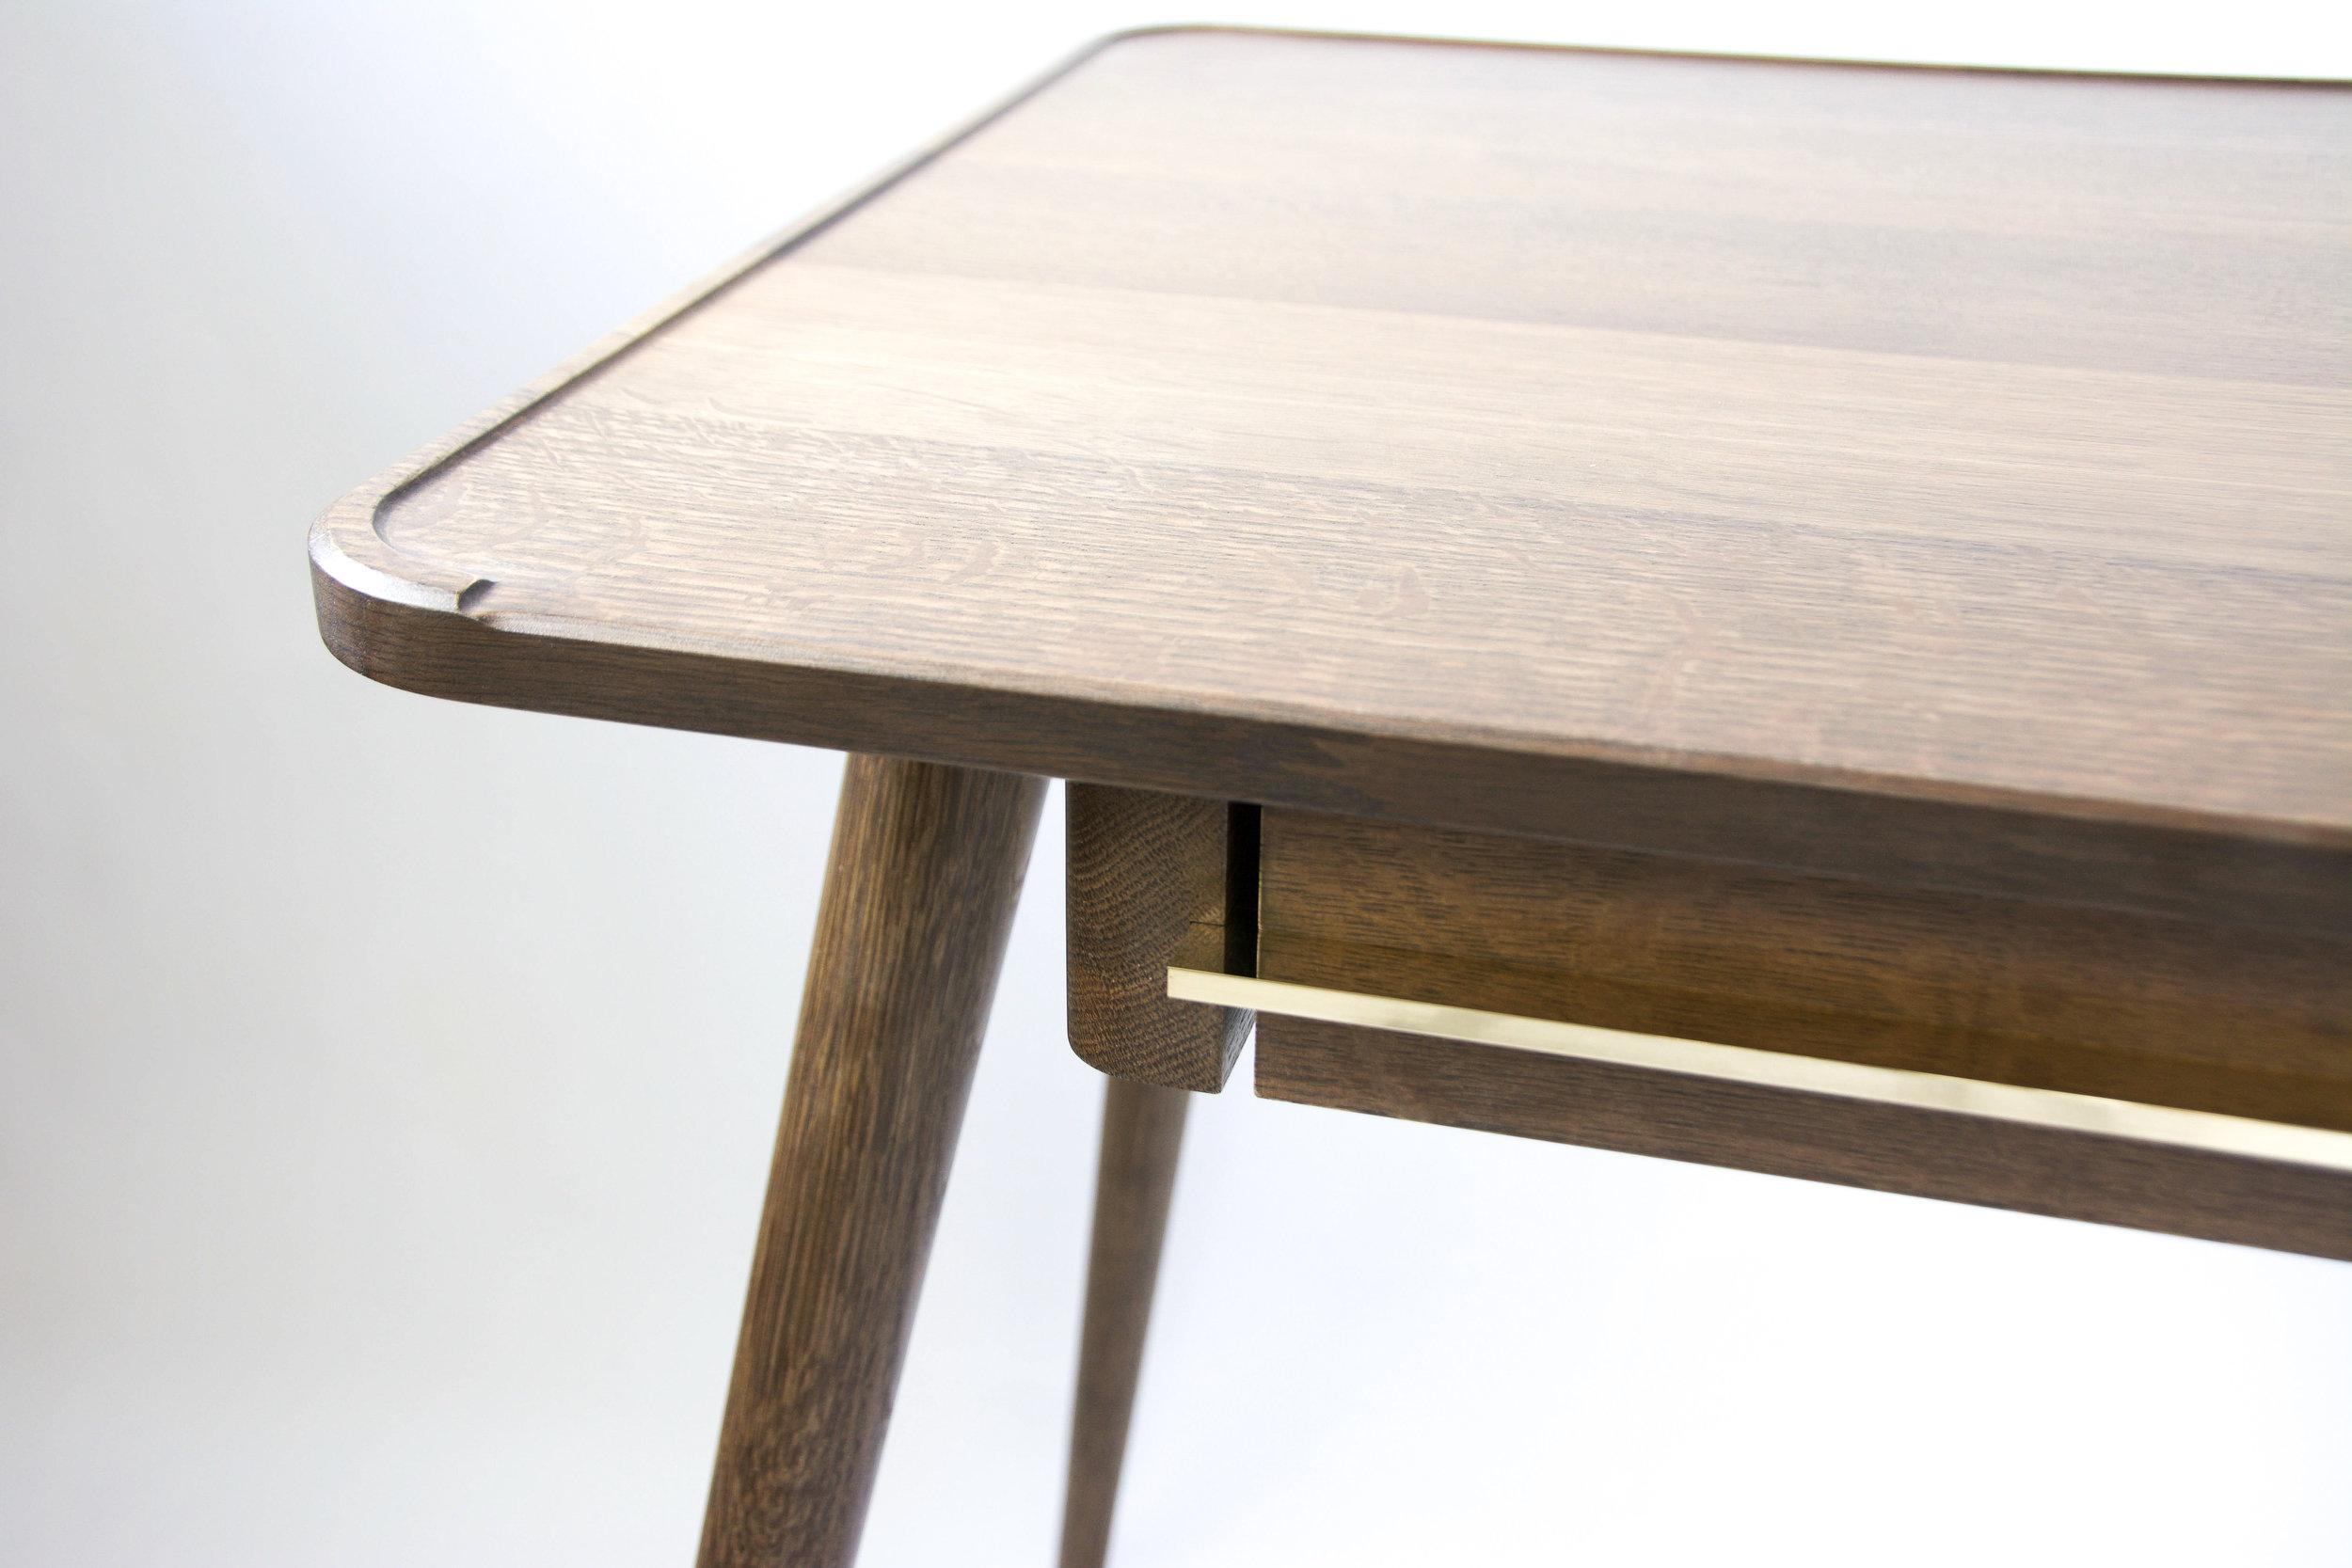 Lightroom Fumed Desk Finished-16.jpg